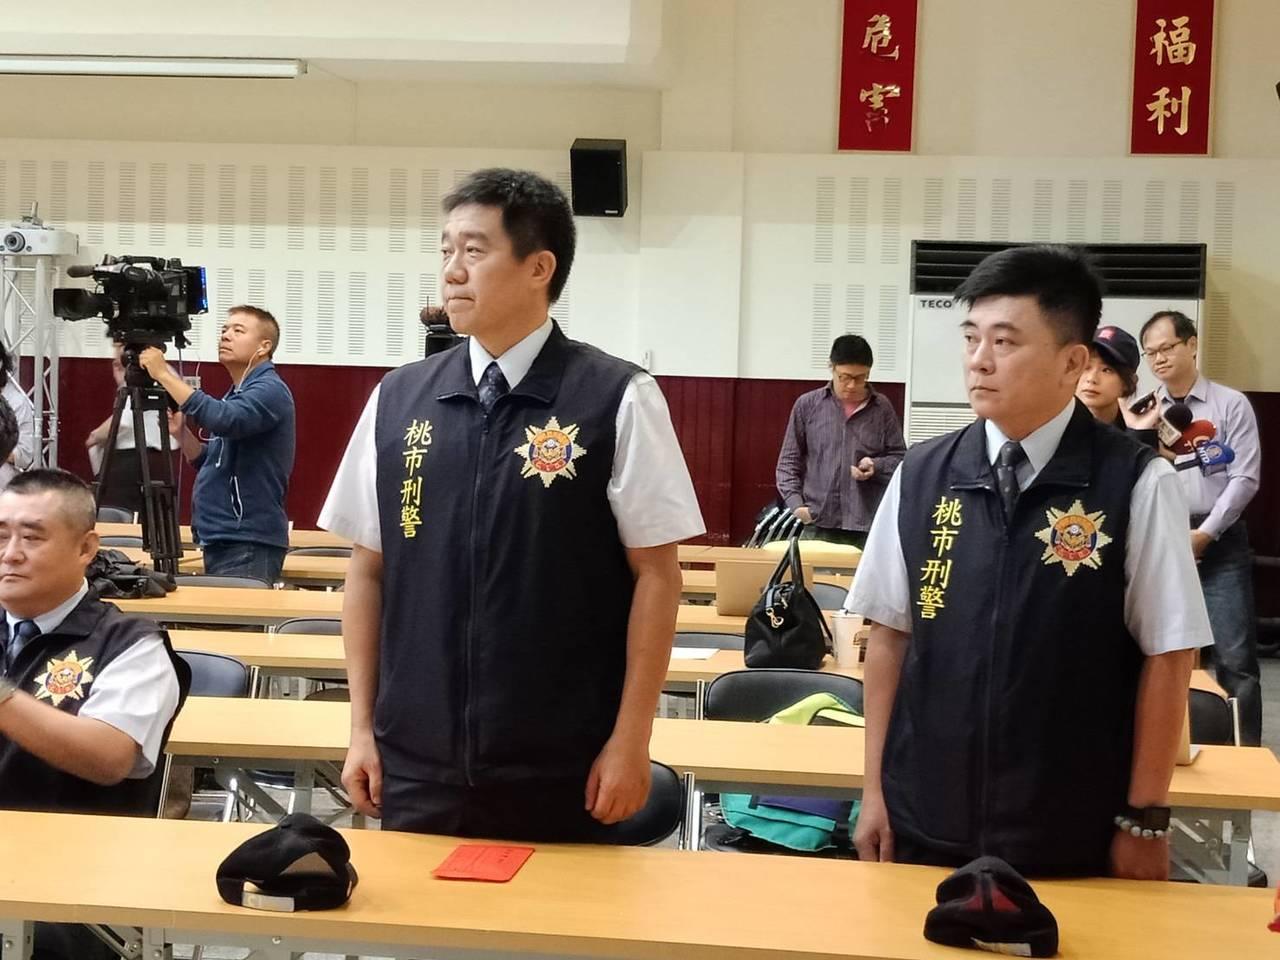 桃園市警局刑事小隊長王強生(站立左)、洪俊德(右),在人質挾持事件中冒險談判奏功...